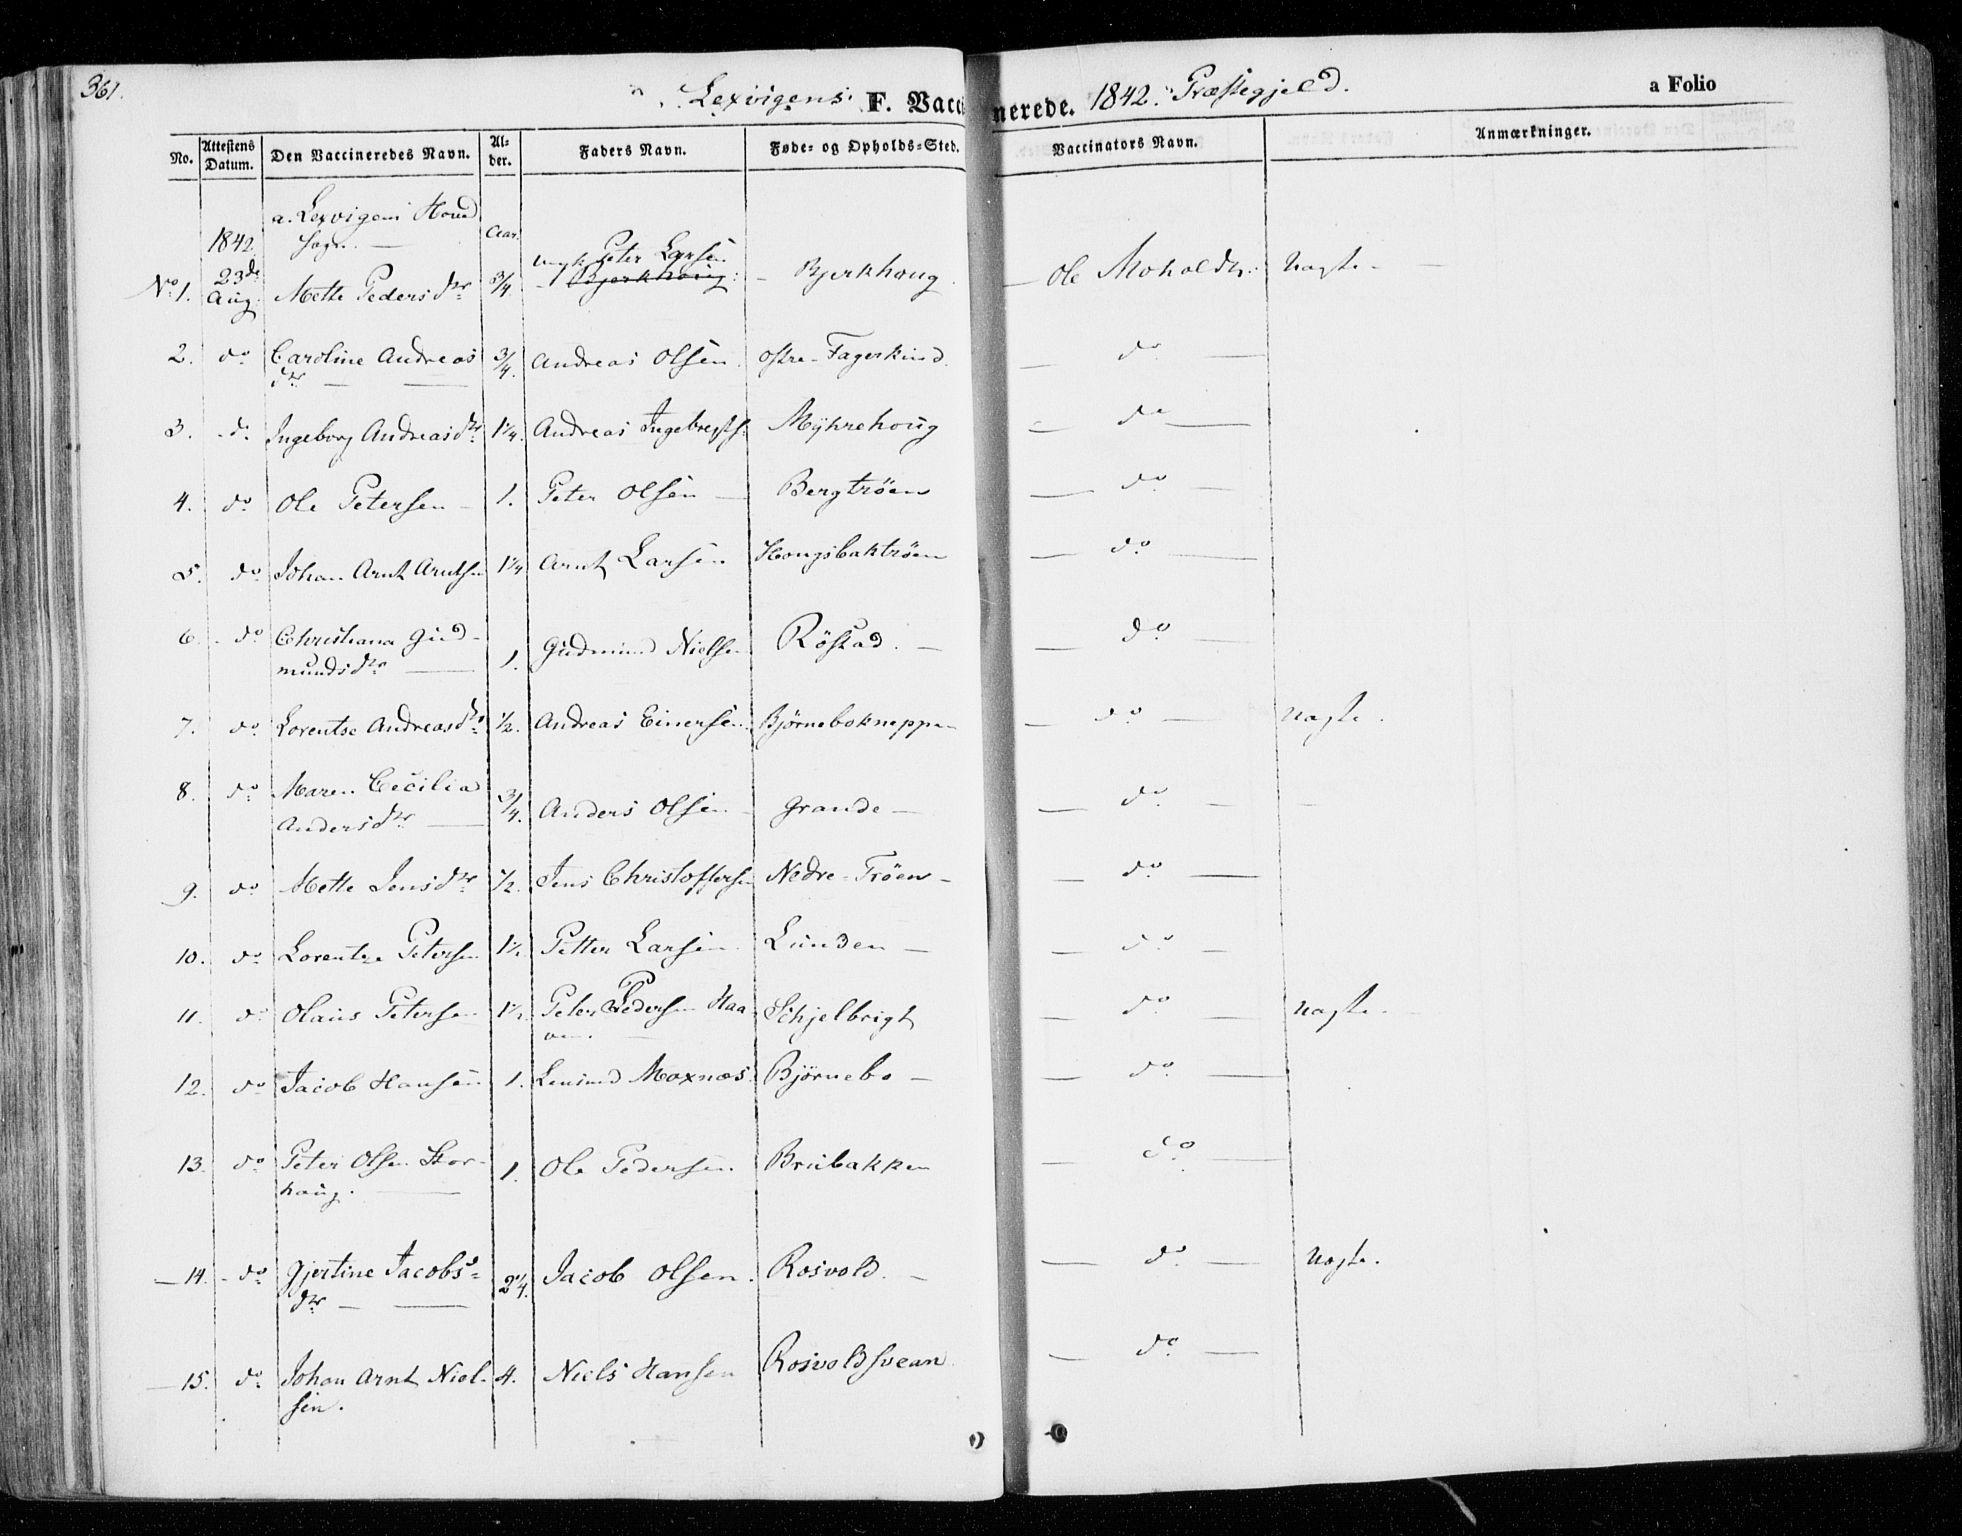 SAT, Ministerialprotokoller, klokkerbøker og fødselsregistre - Nord-Trøndelag, 701/L0007: Ministerialbok nr. 701A07 /1, 1842-1854, s. 361